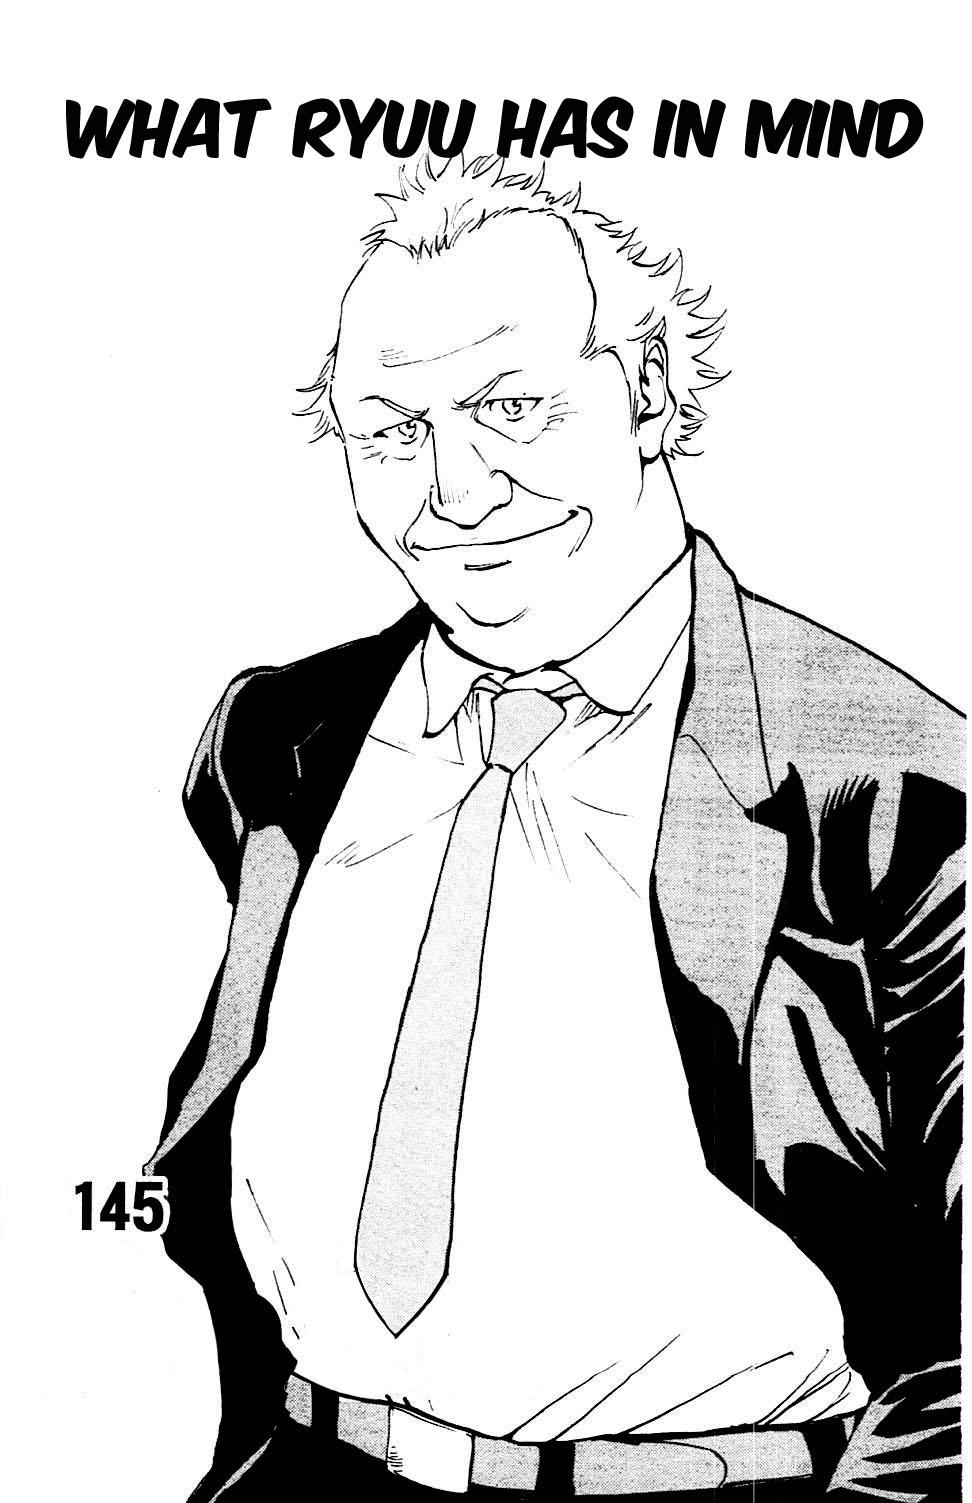 https://img2.nineanime.com/comics/pic2/26/18778/1103576/d637dca8c61547167d887daeec510c16.jpg Page 1